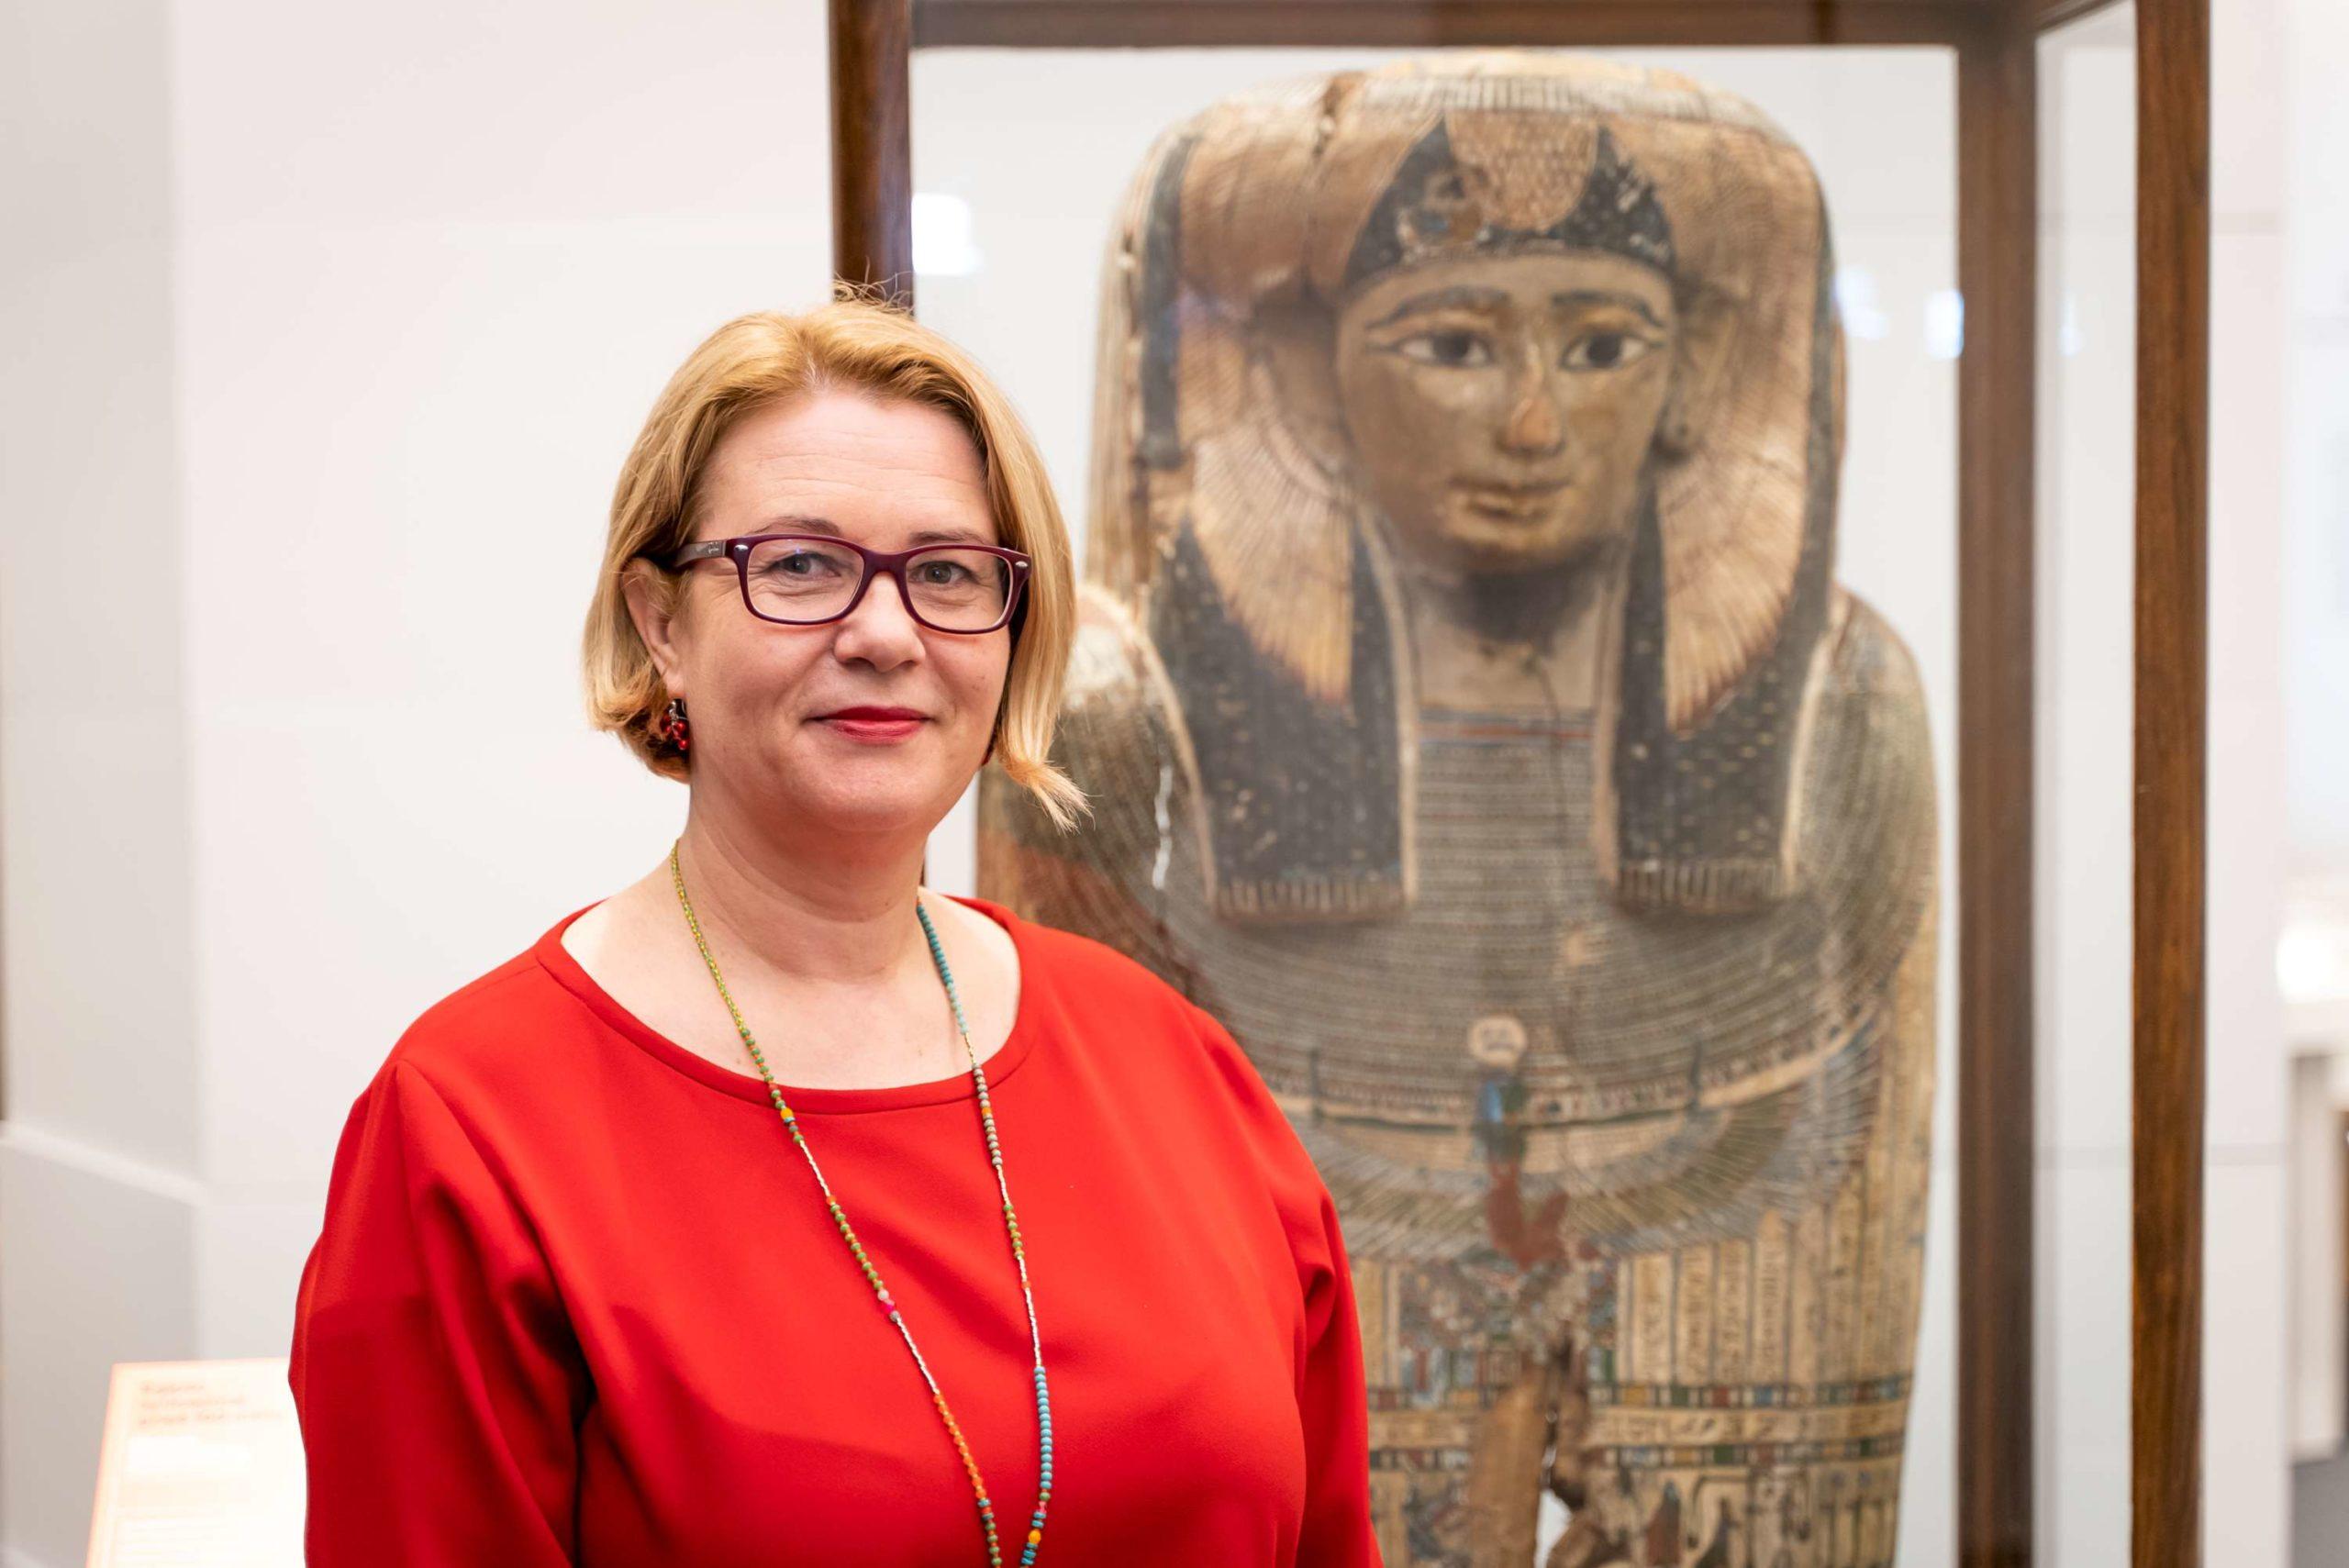 Muziejaus direktorė Rūta Kačkutė sako, kad Istorijų namuose lankytojas yra kviečiamas pažinti istoriją visapusiškai | LNM, S. Samsono nuotr.